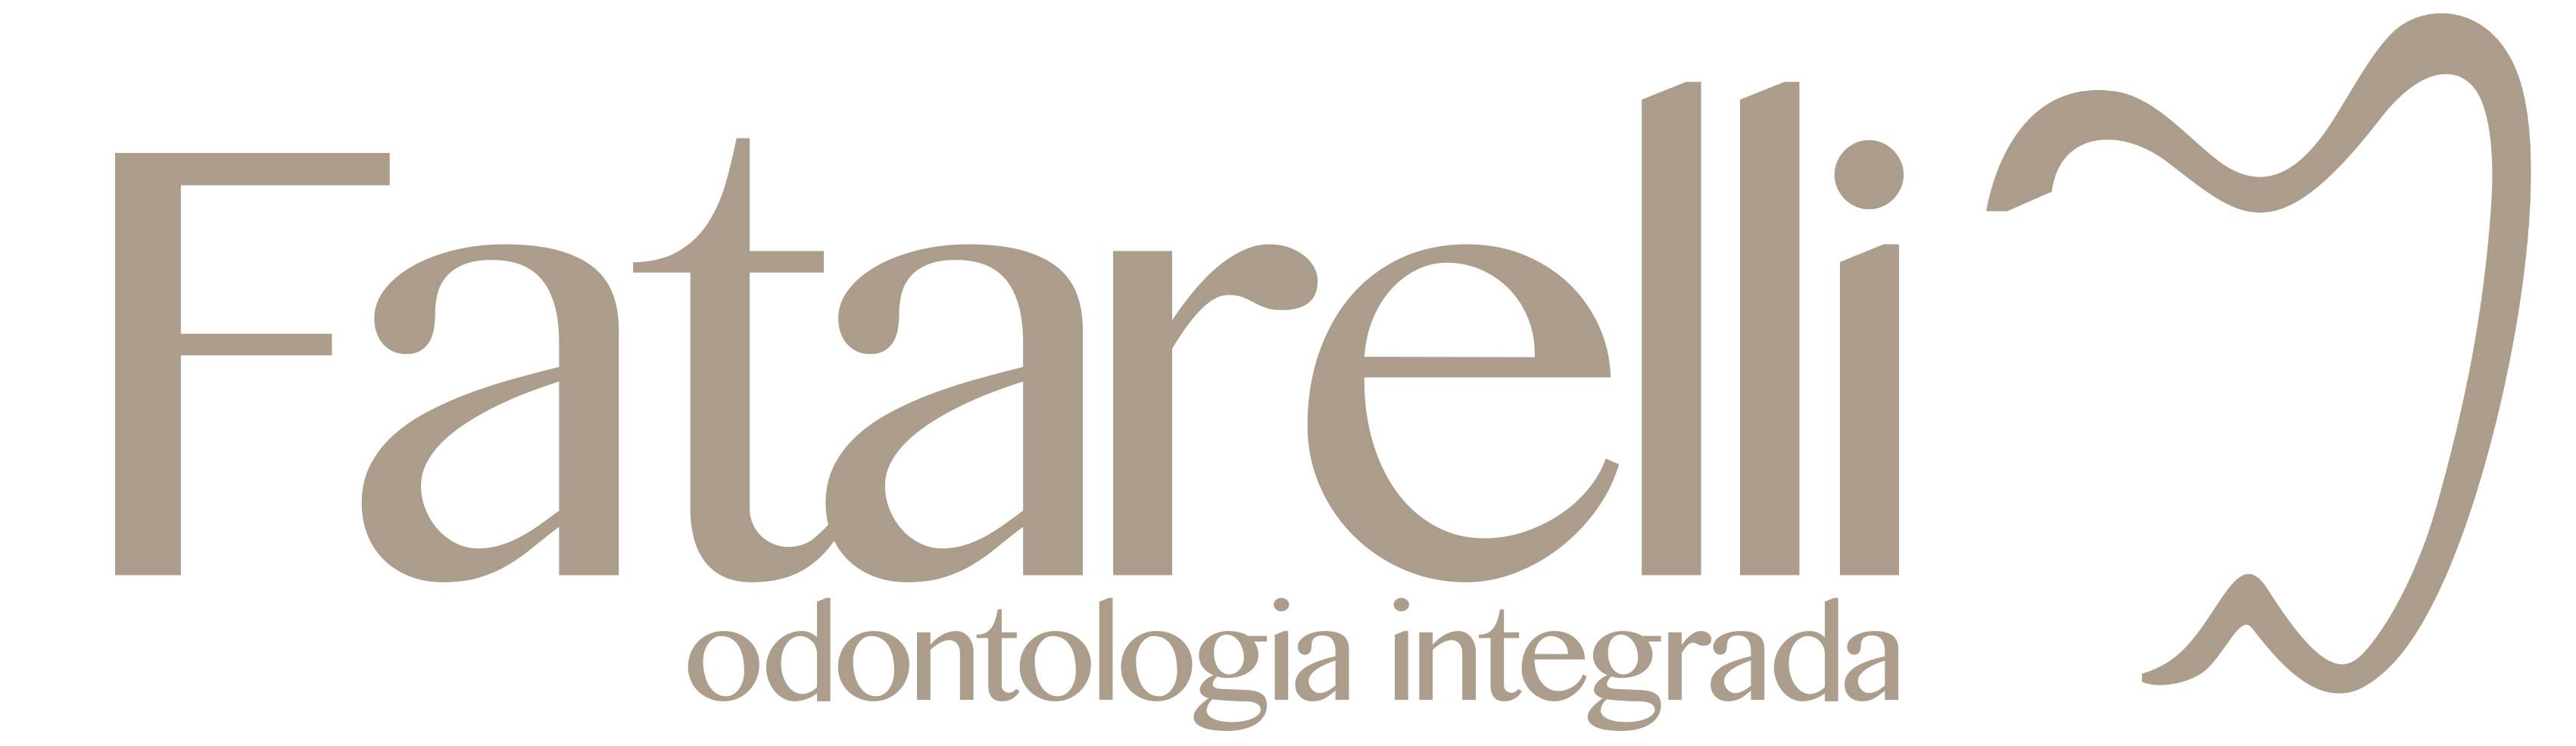 Clínica Fatarelli Odontologia Integrada   Dentistas no Jardins